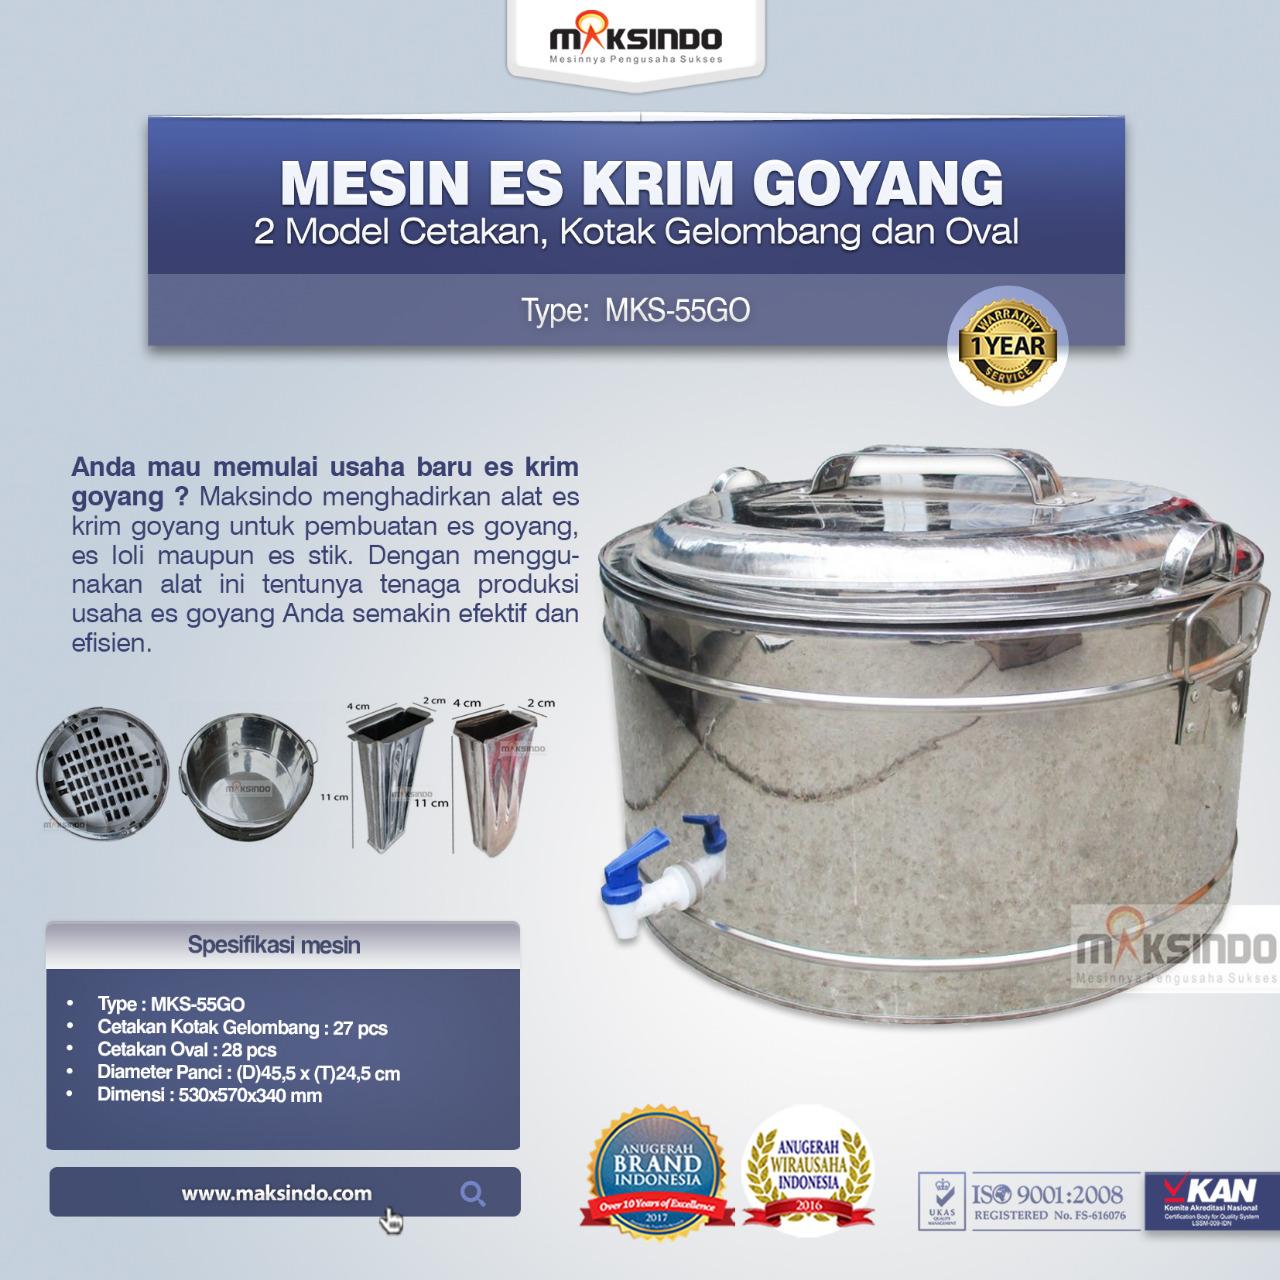 Jual Mesin Es Krim Goyang MKS-55GO di Banjarmasin